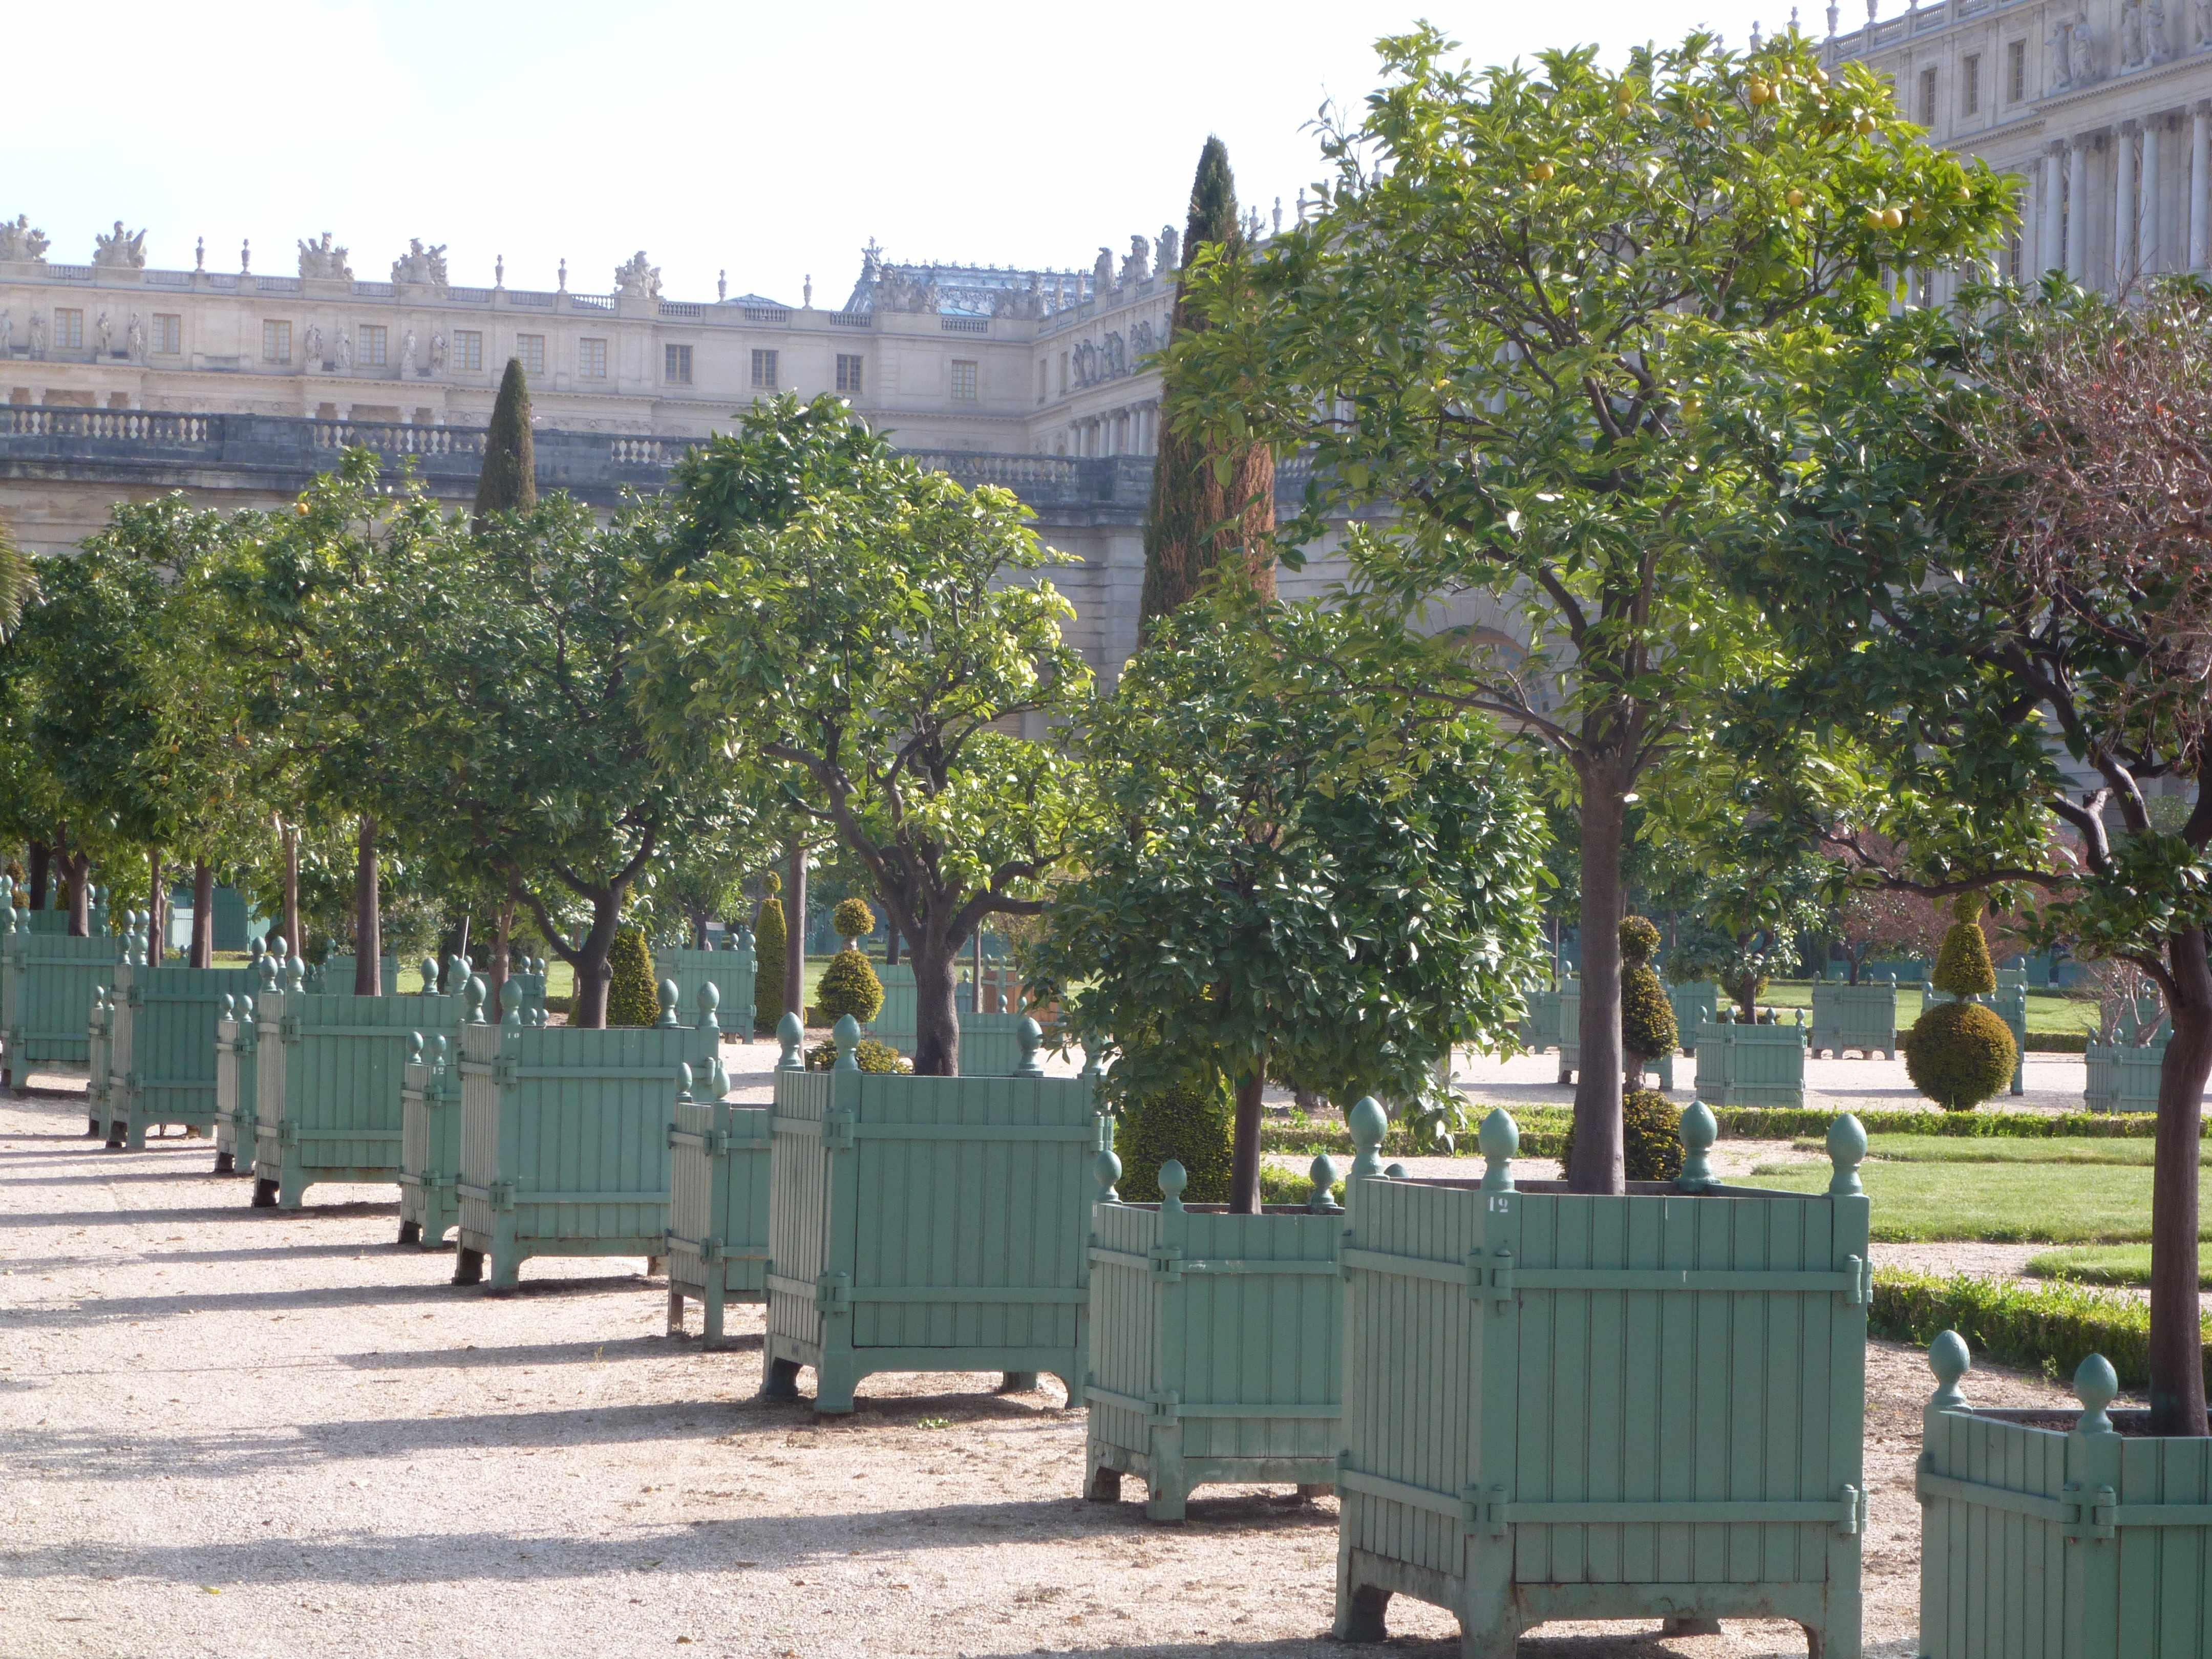 Versailles orangerie caisses agrumes 05-2013